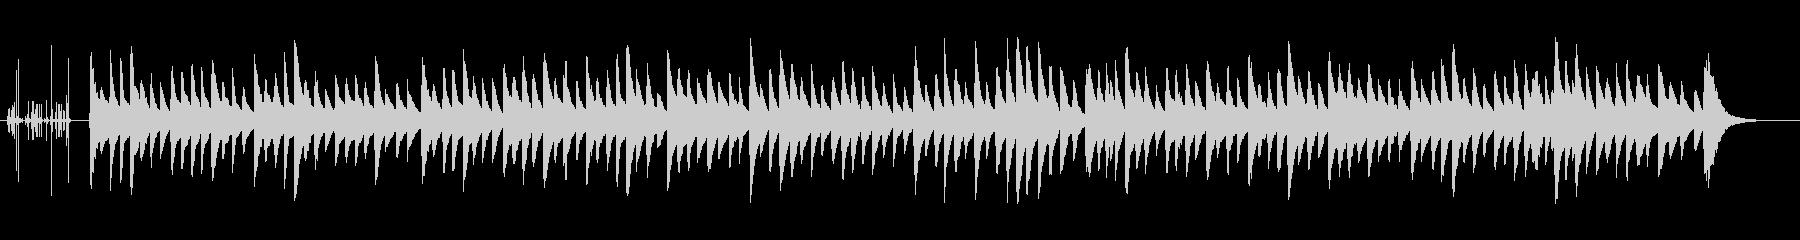 クラシック調の優しい子守唄(オルゴール)の未再生の波形